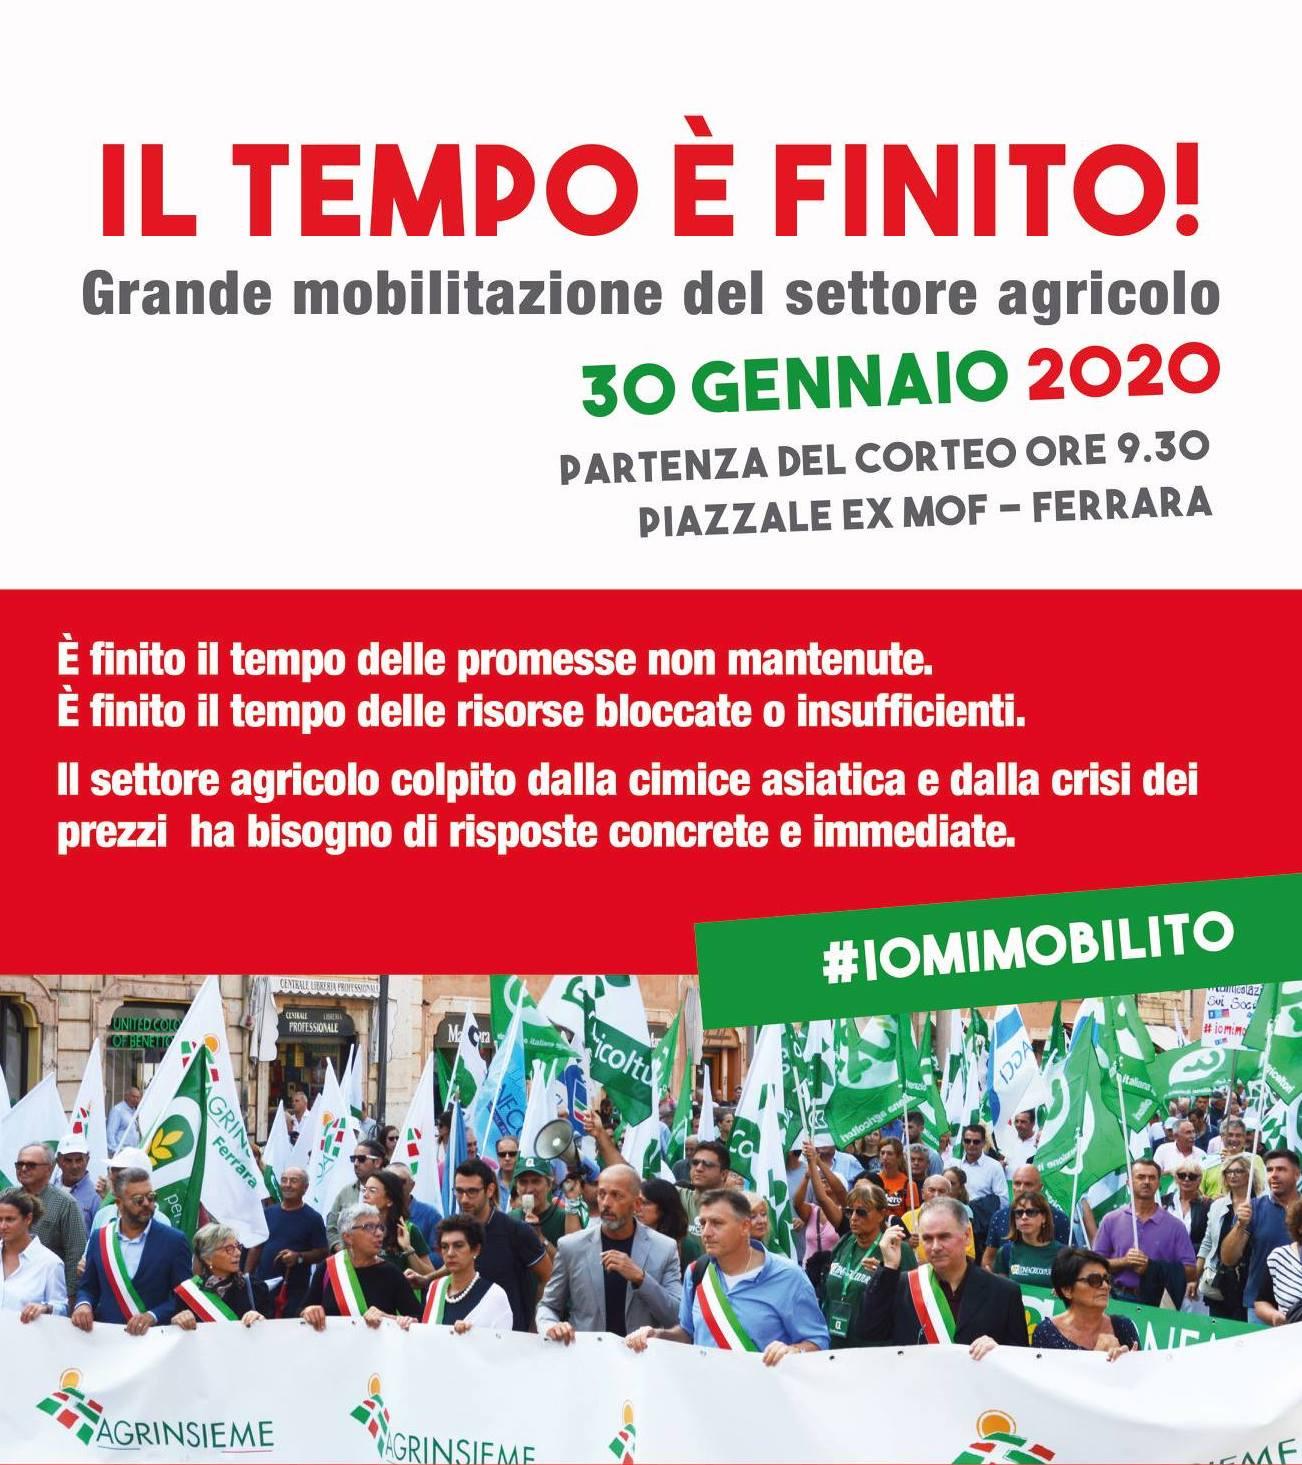 #iomimobilito: il 30 gennaio a Ferrara grande manifestazione di Agrinsieme in difesa del settore agricolo